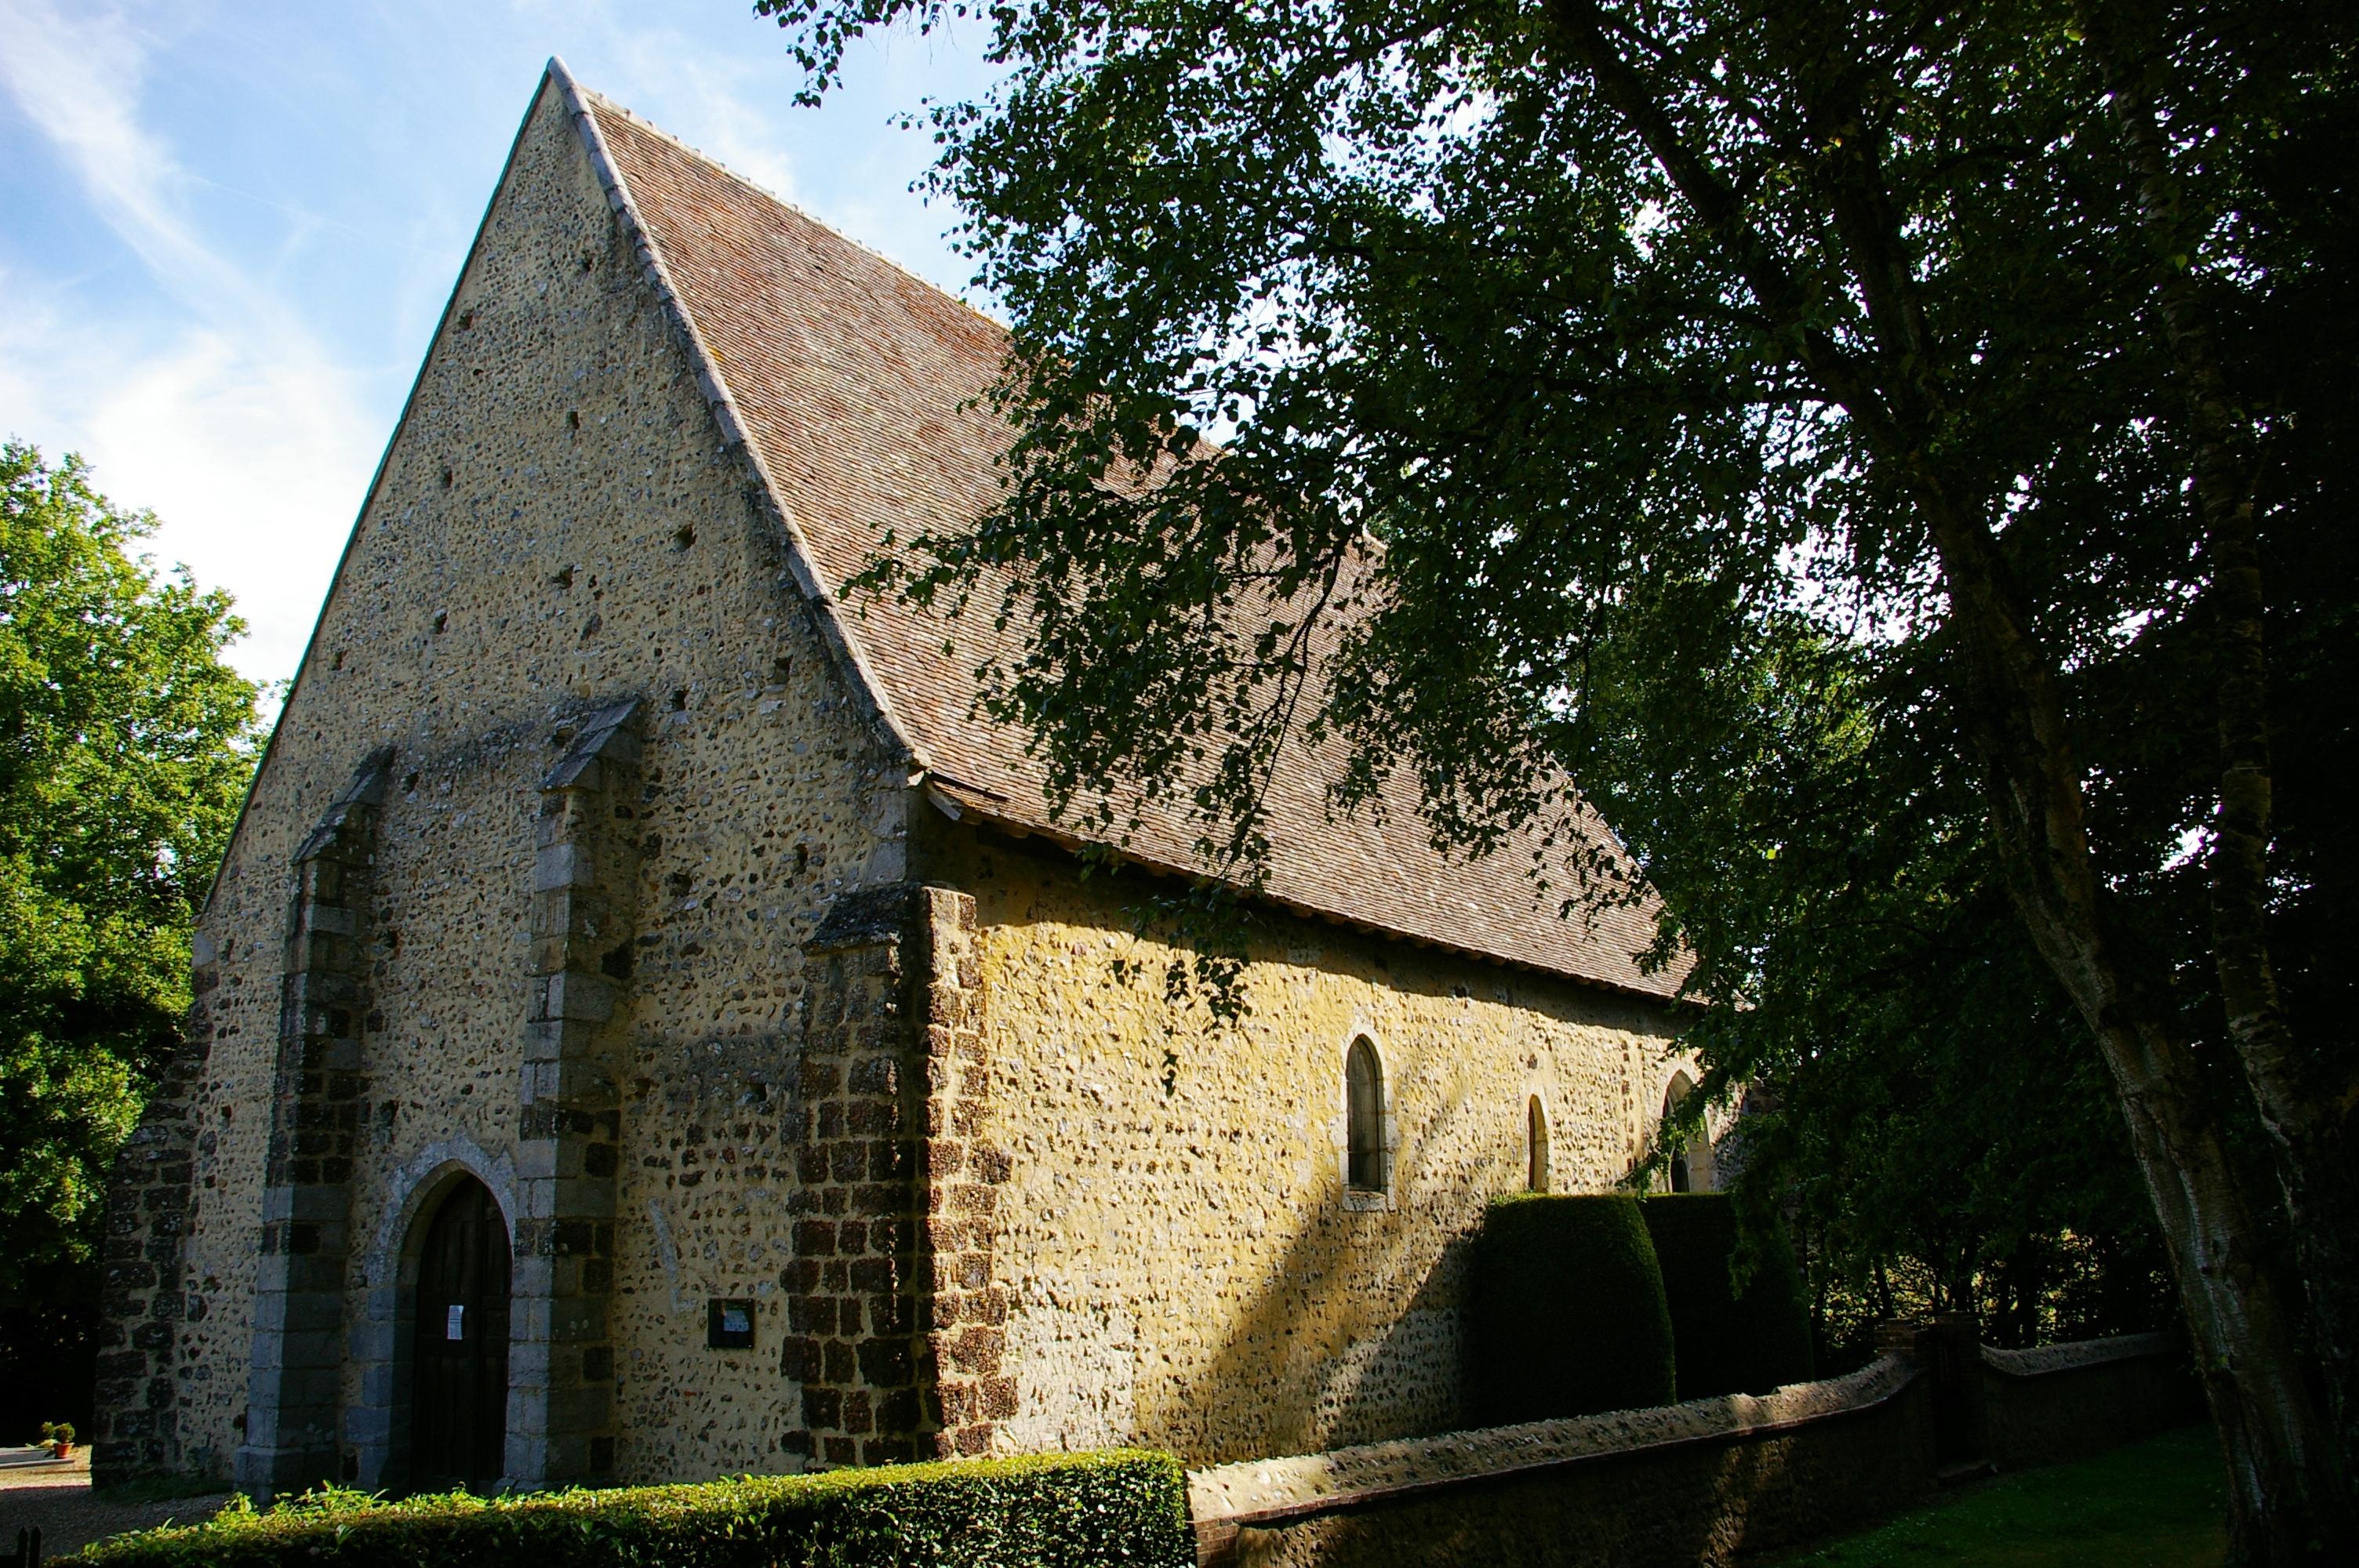 Visite commentée de la Chapelle Saint-Pierre de Réveillon à LA FERTE-VIDAME © OT Forêts du Perche